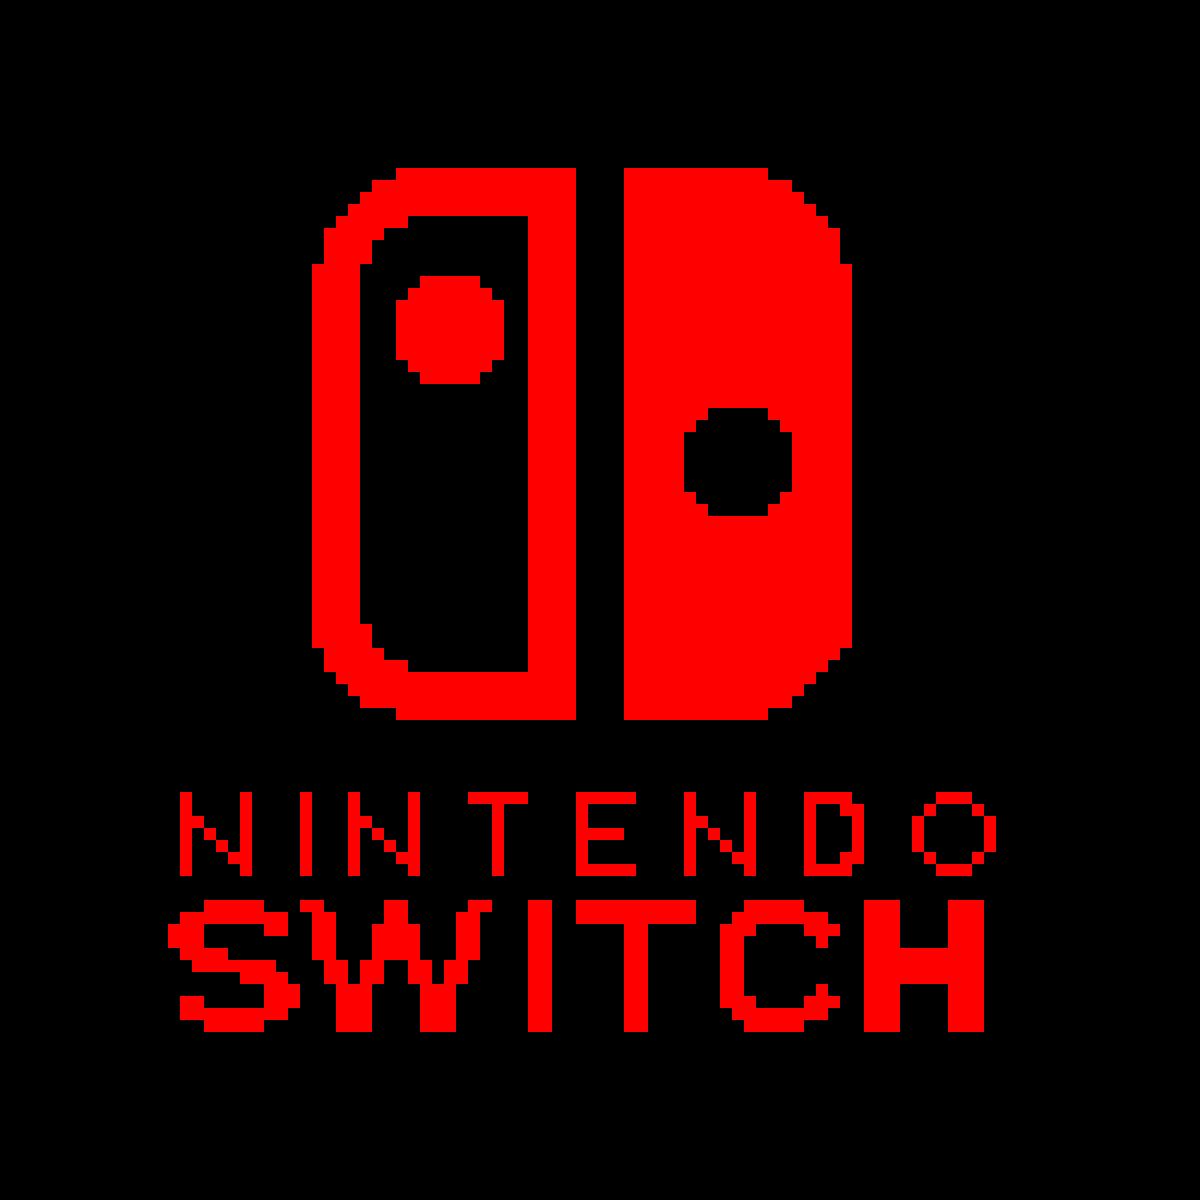 switch logo by Daniel2003